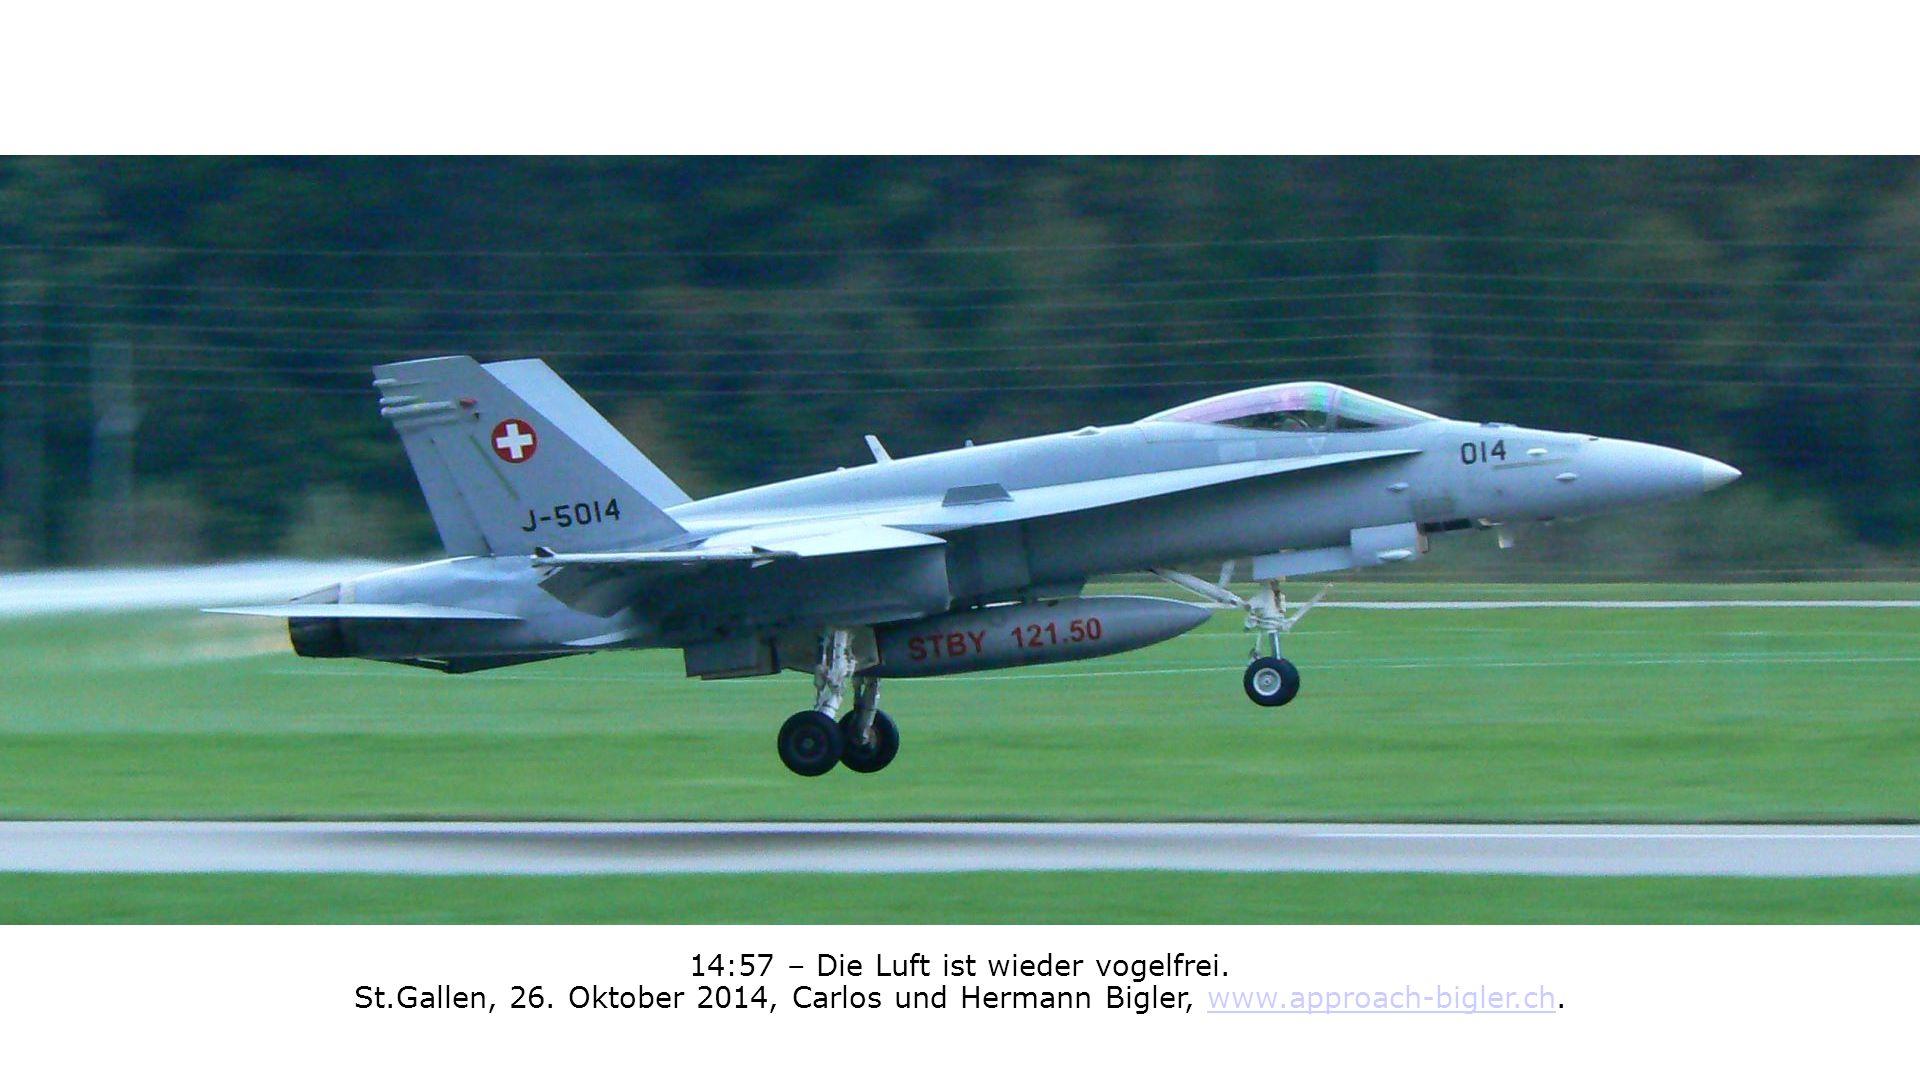 14:57 – Die Luft ist wieder vogelfrei. St.Gallen, 26. Oktober 2014, Carlos und Hermann Bigler, www.approach-bigler.ch.www.approach-bigler.ch